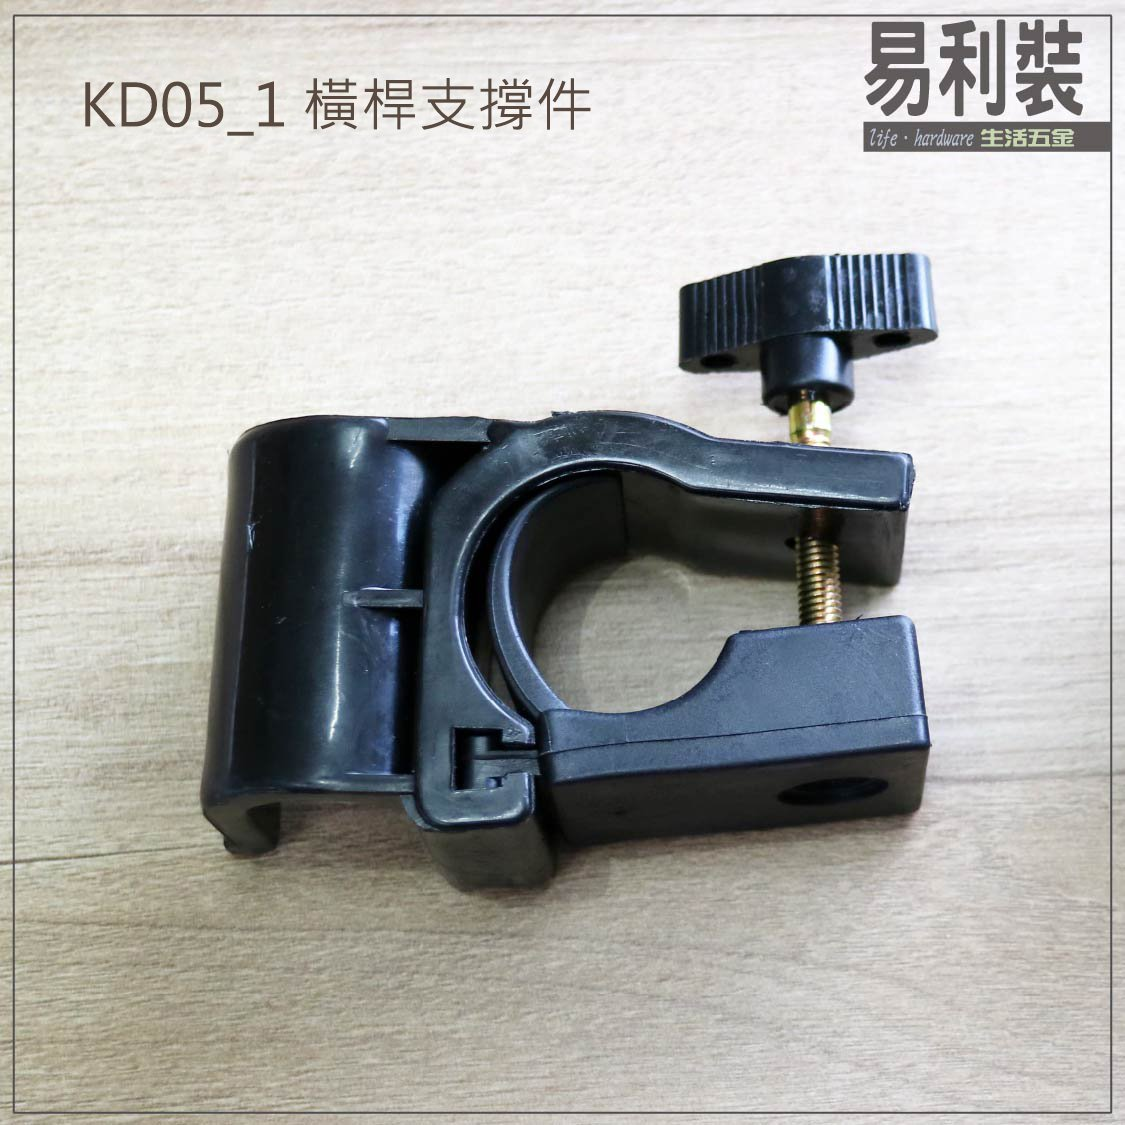 KD005-1 橫桿支撐  2 個 頂天立地  伸縮吊衣桿掛衣架 收納 置物 節省空間 免鑽孔 免釘